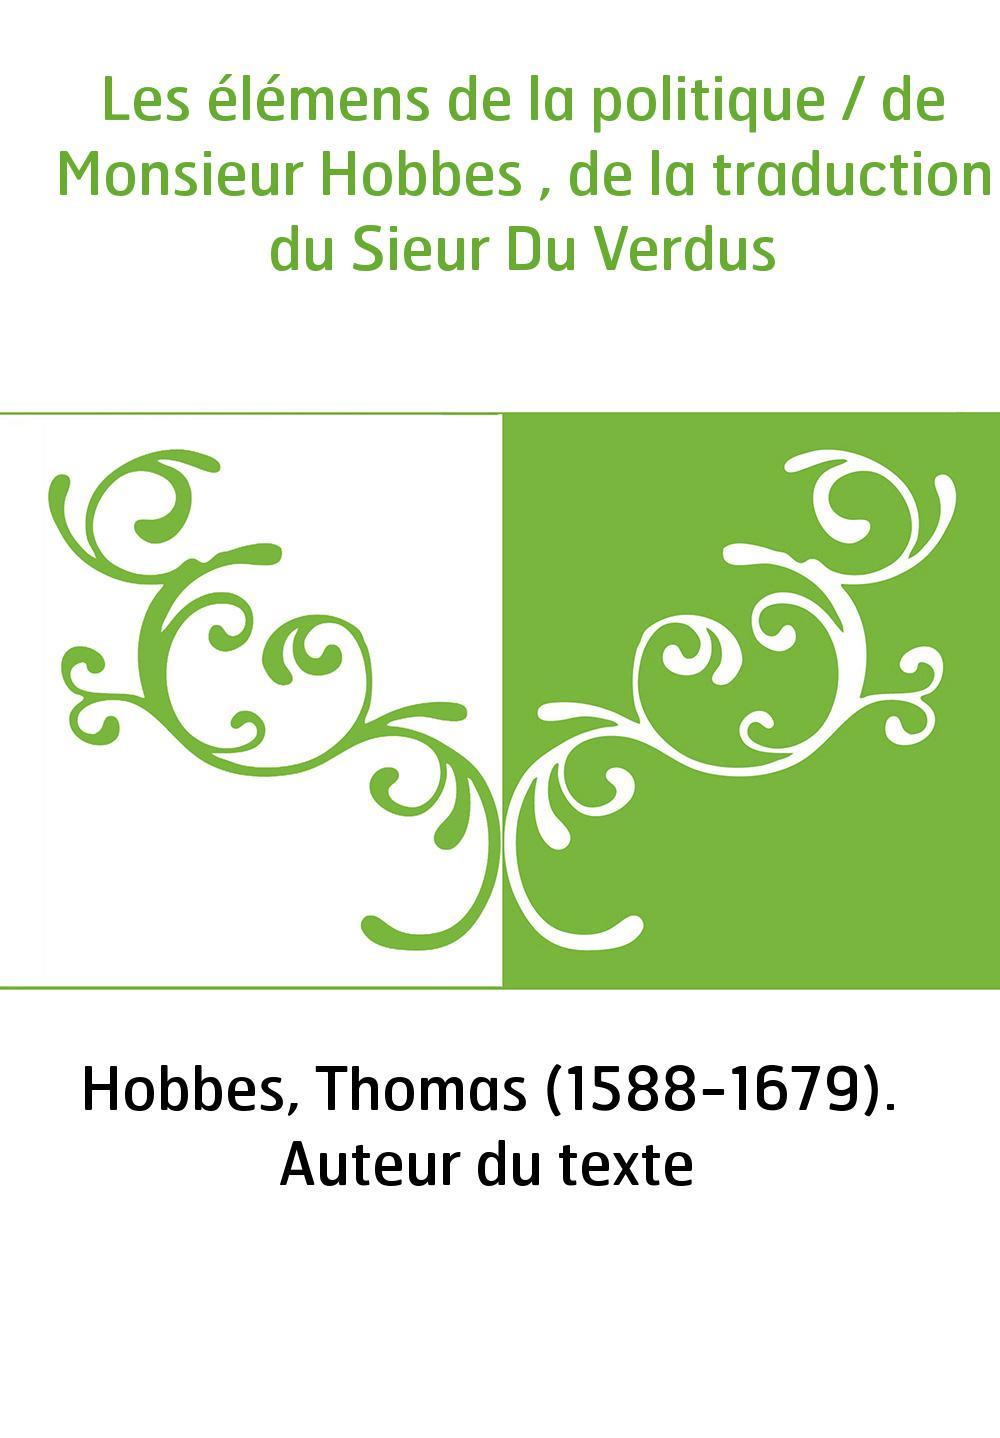 Les élémens de la politique / de Monsieur Hobbes , de la traduction du Sieur Du Verdus